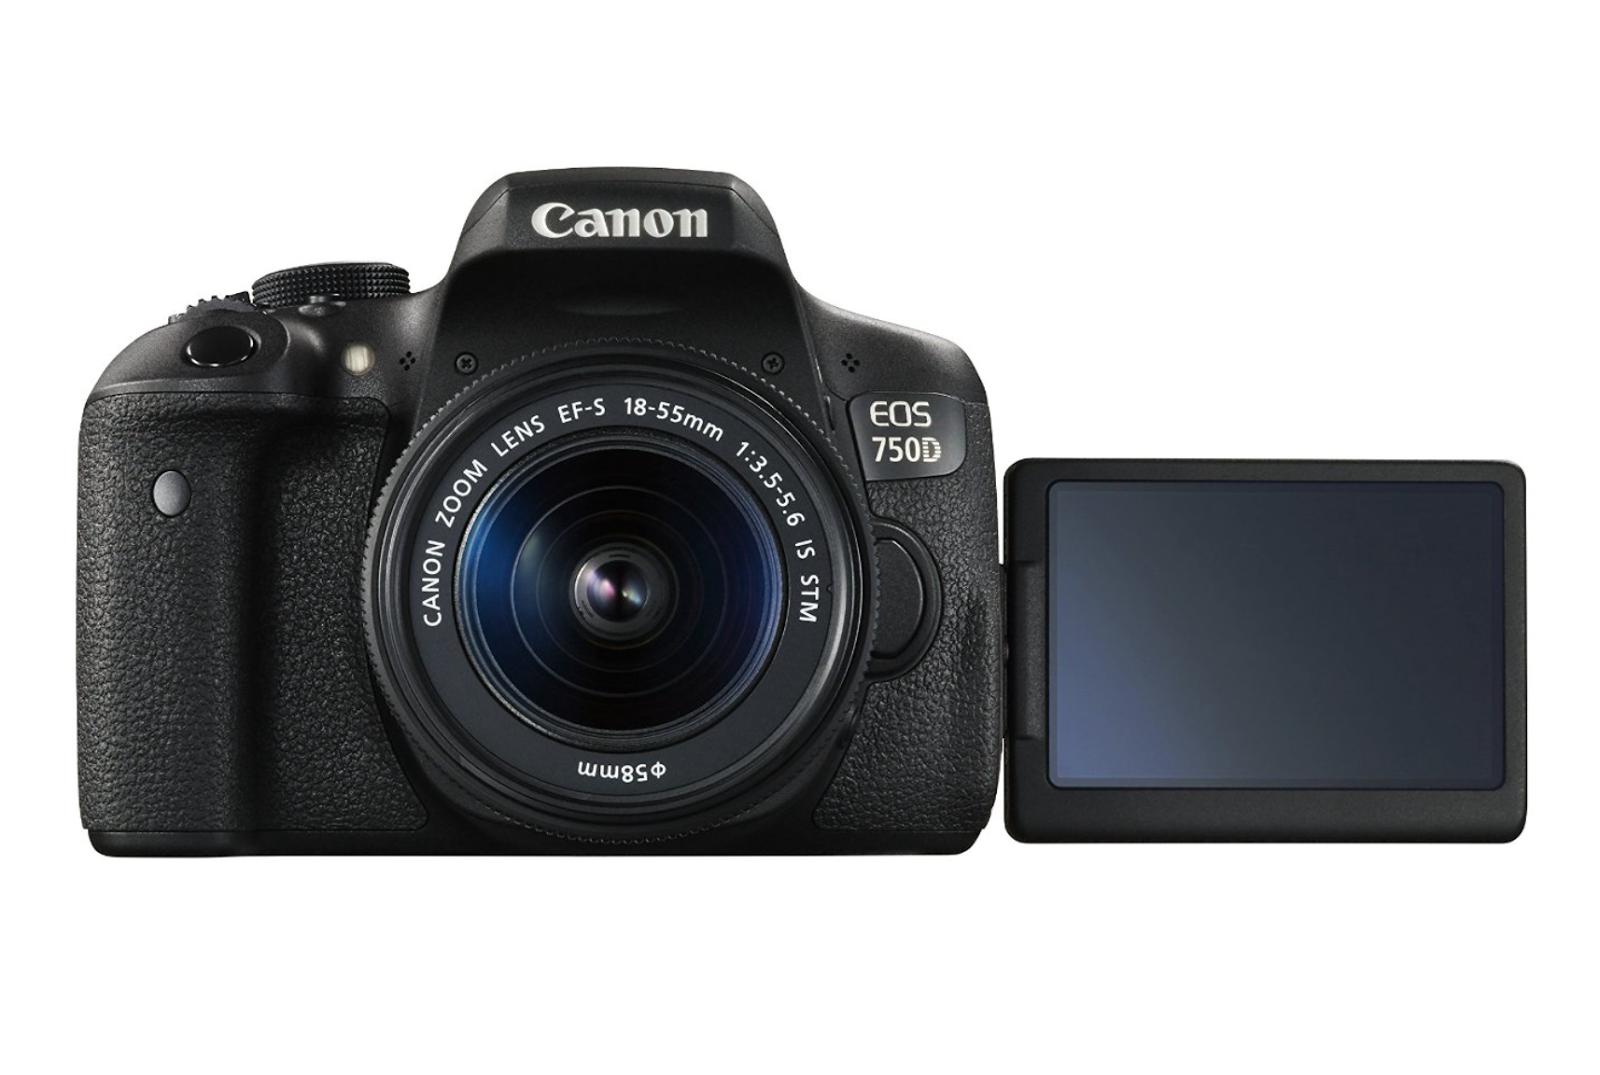 Incredibile Offerta per la foto/video-camera Canon Reflex ...